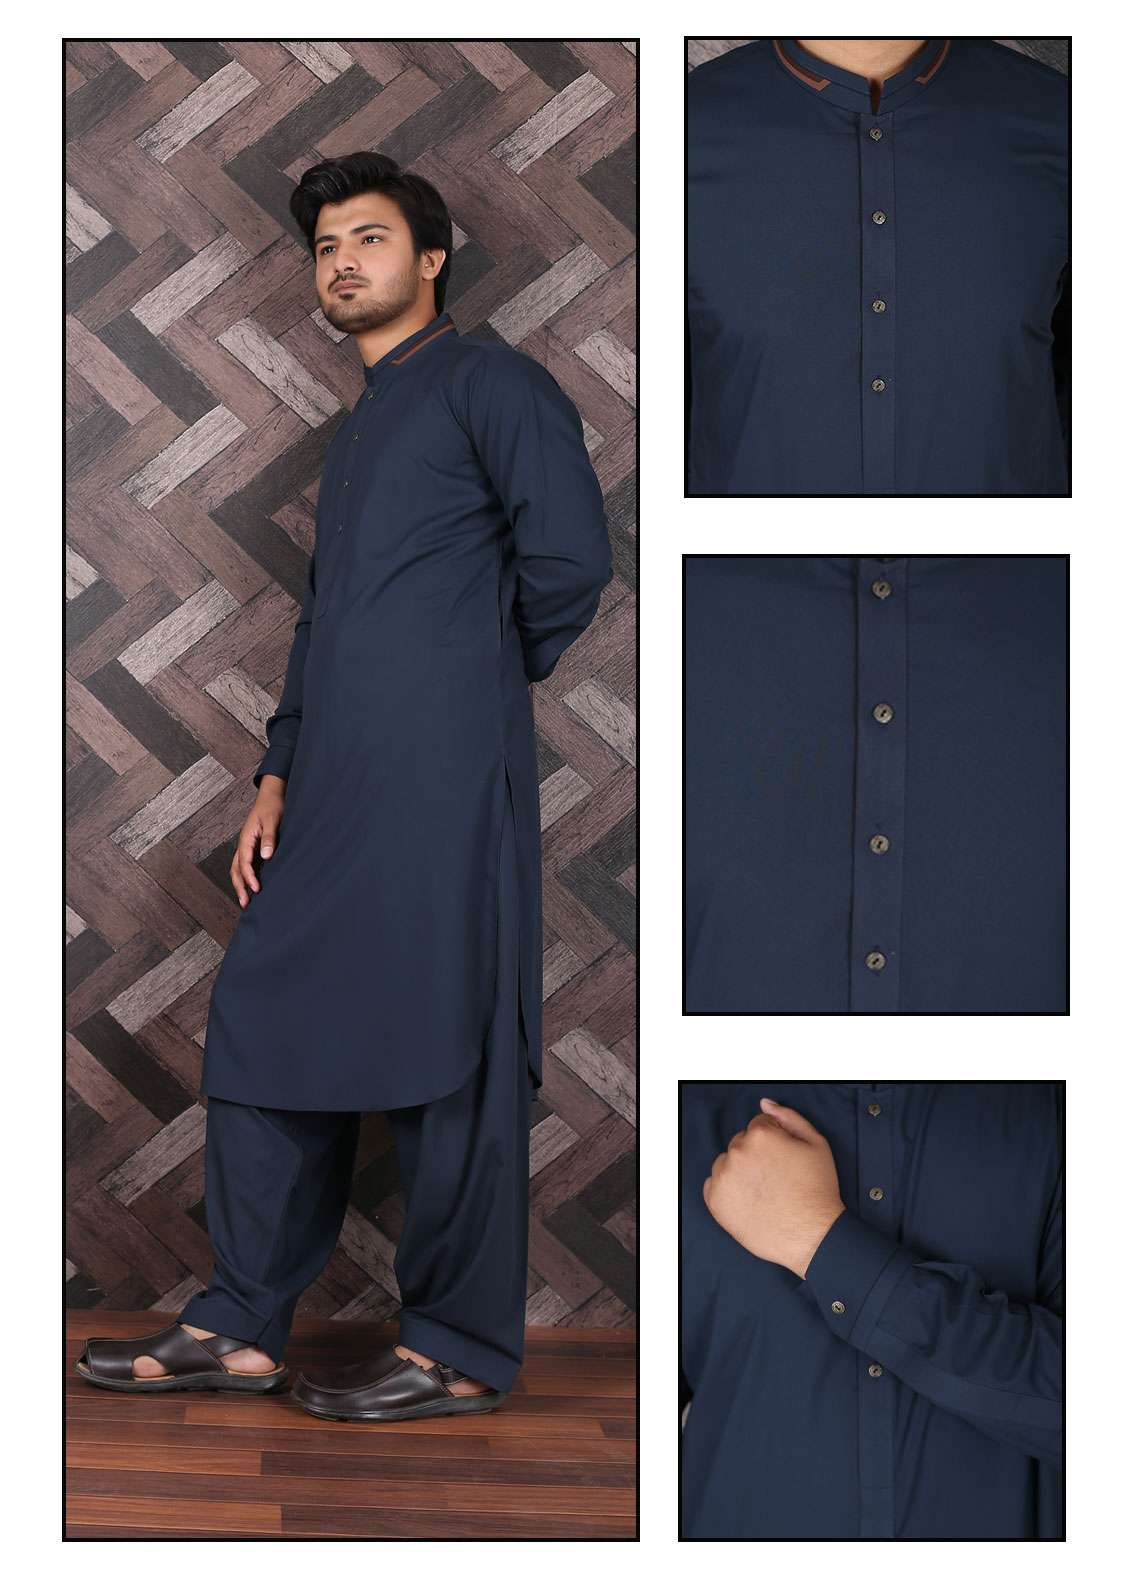 Aizaz Zafar Wash N Wear Formal Men Shalwar Kameez -  685 Navy Blue